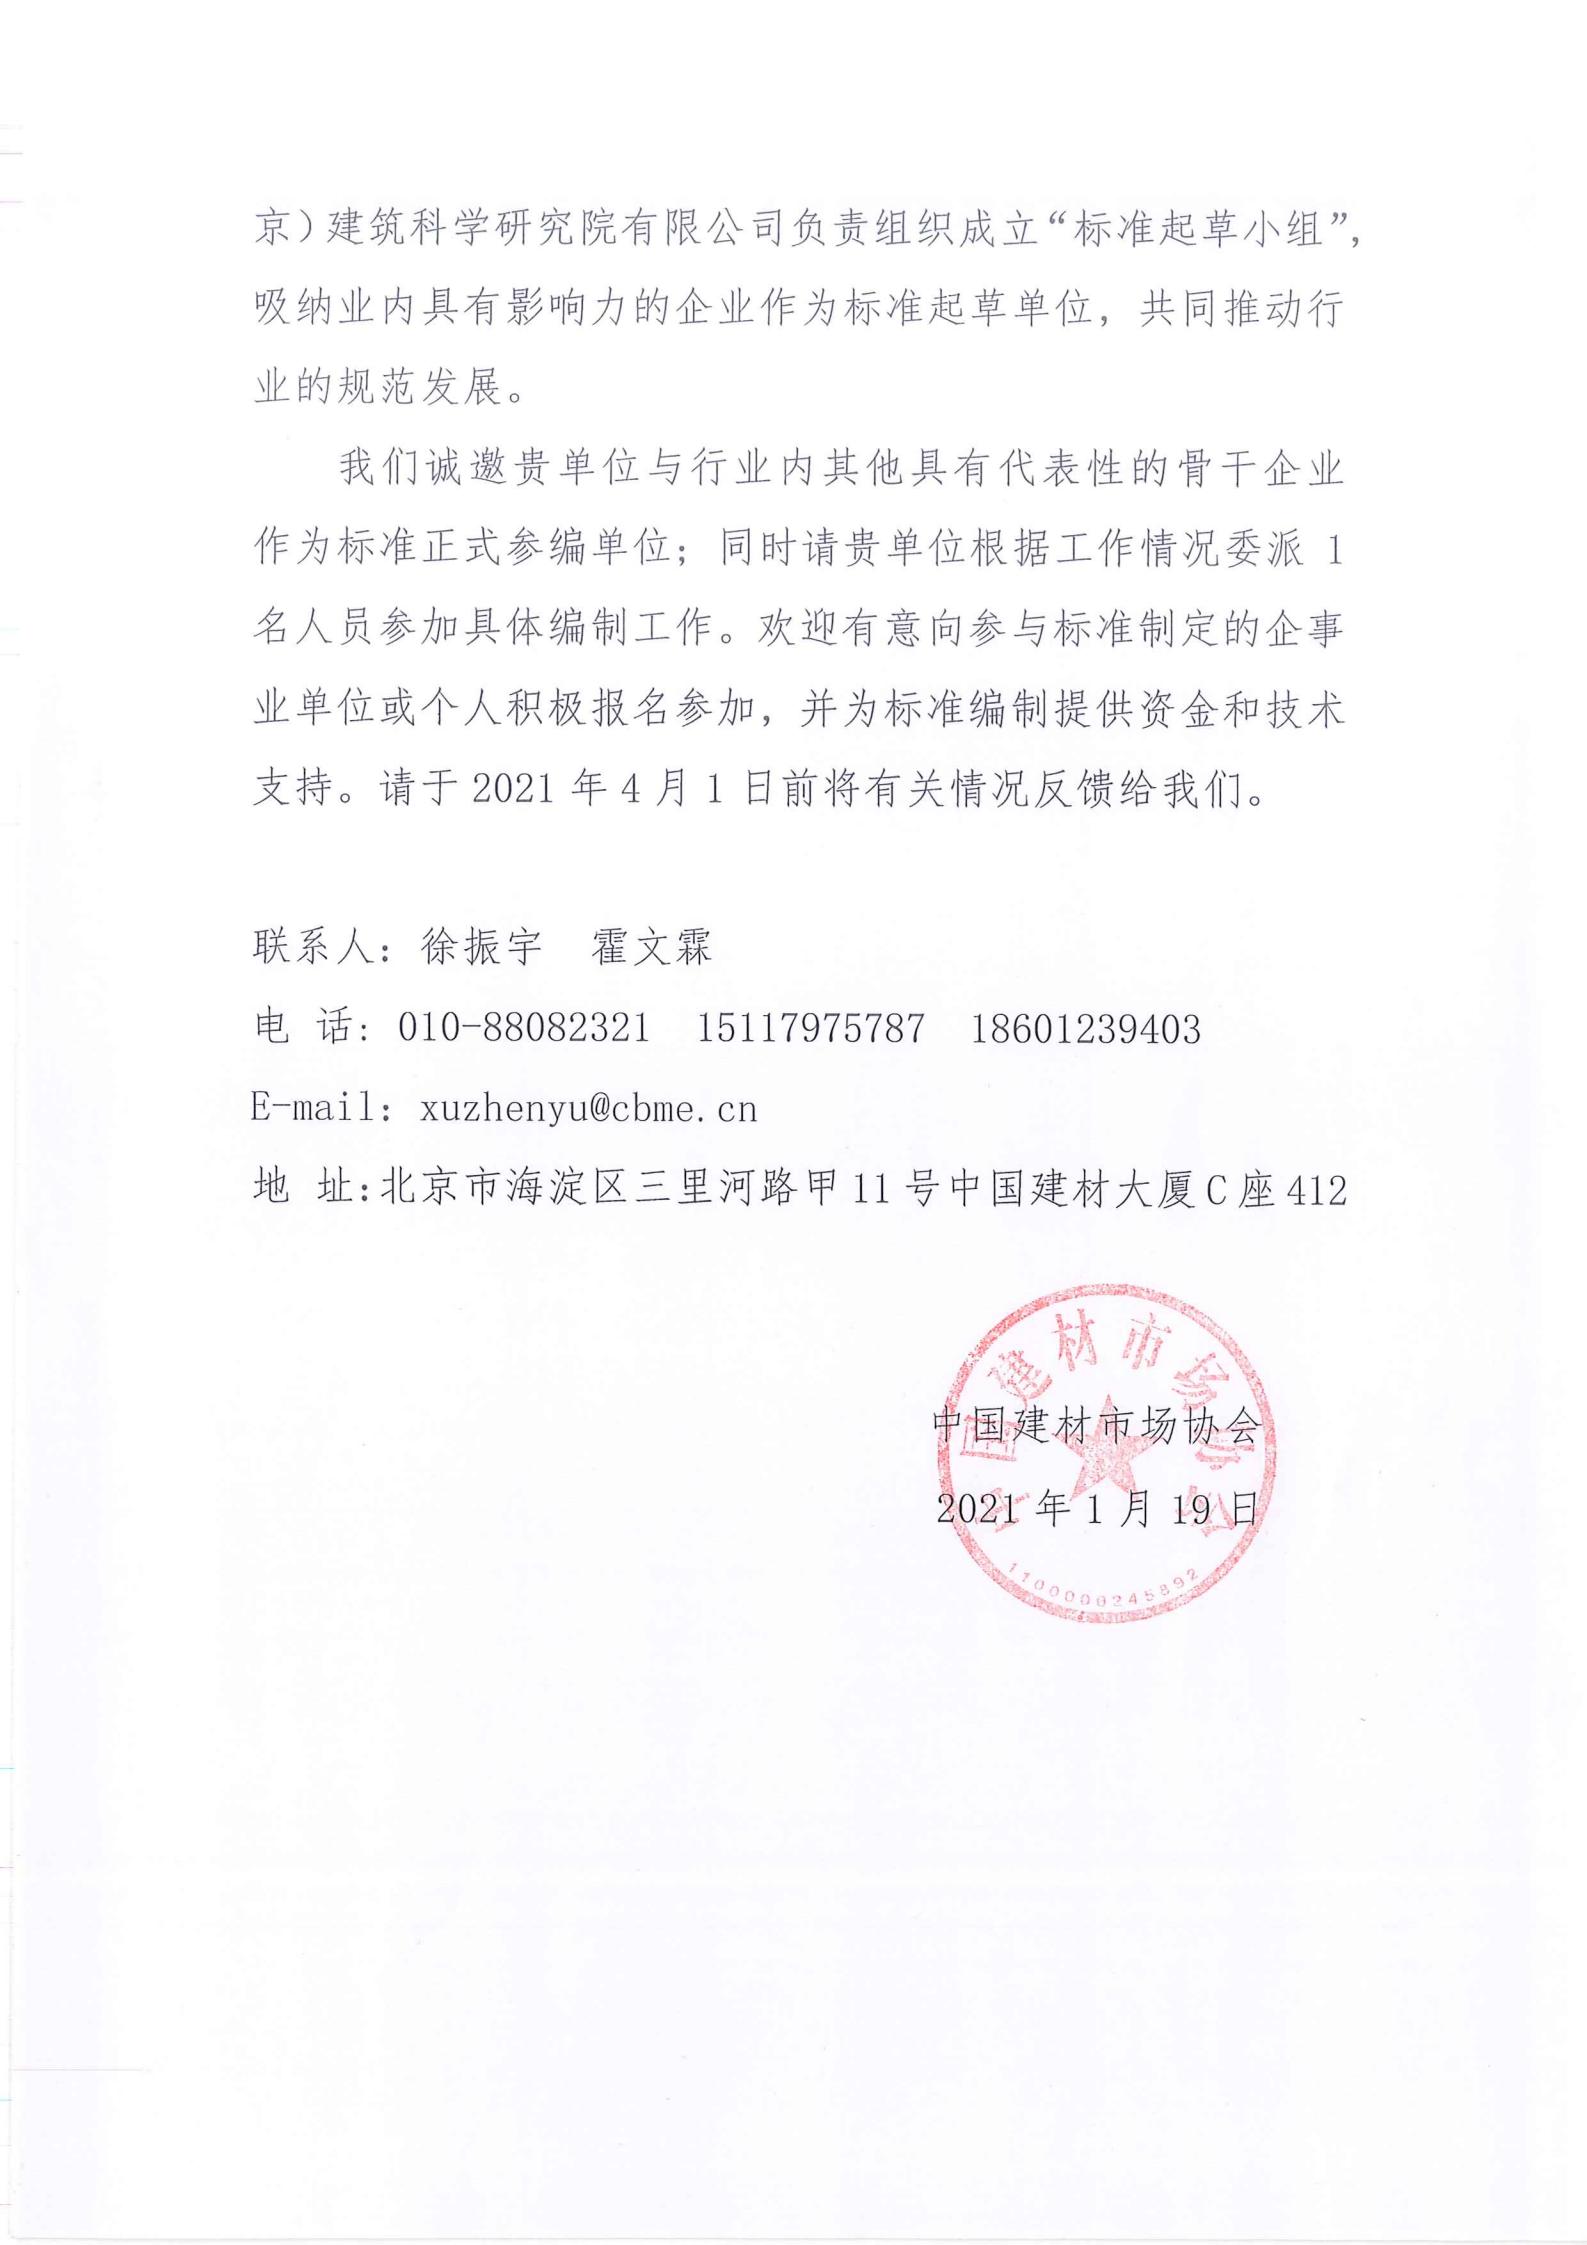 關于邀請參加中國建材市場協會《綠色裝配式矩形管結構體系技術規程》起草工作的邀請函_01.png